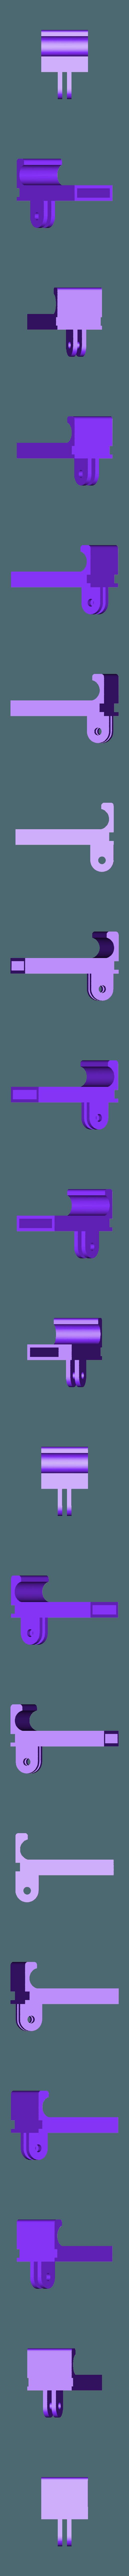 V2_phon_grip_bottom.stl Download free STL file tripod / GoPro phone mount • 3D printer model, MakeItWork